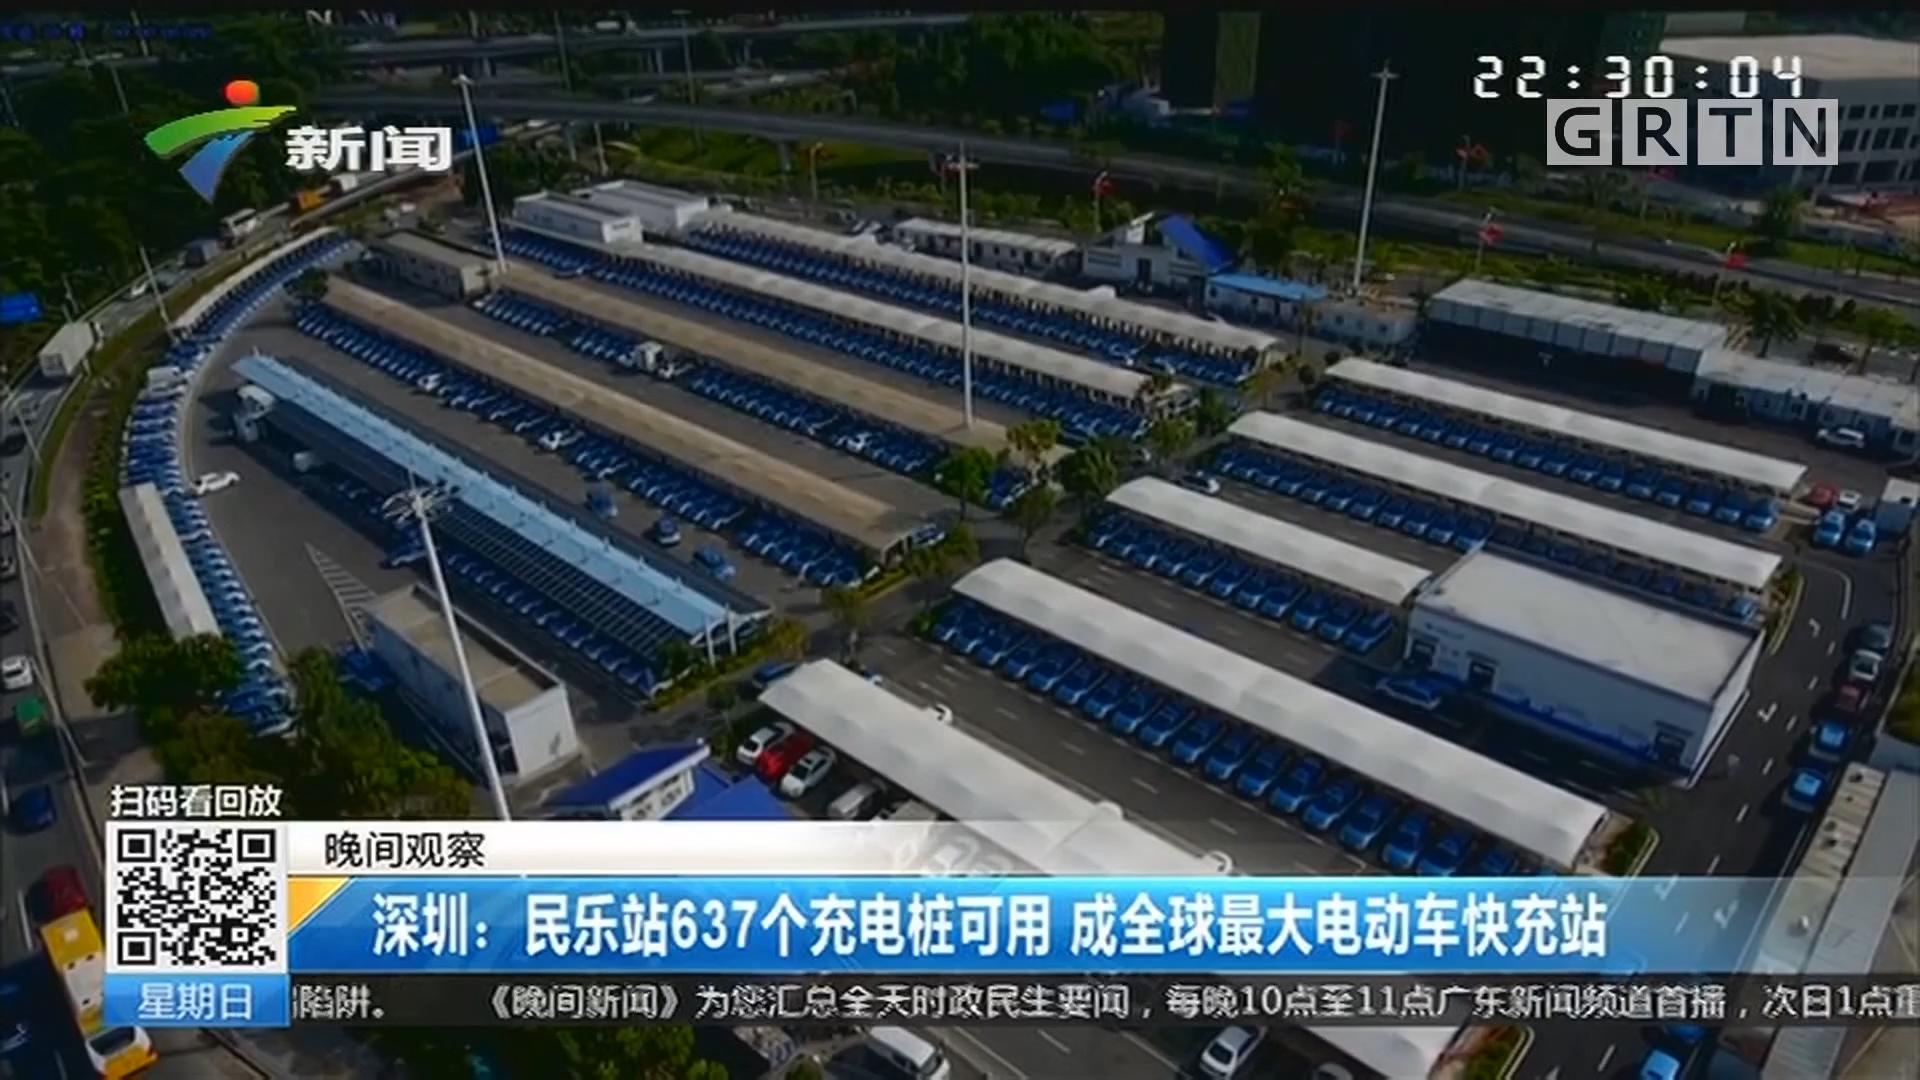 深圳:民乐站637个充电桩可用 成全球最大电动车快充站